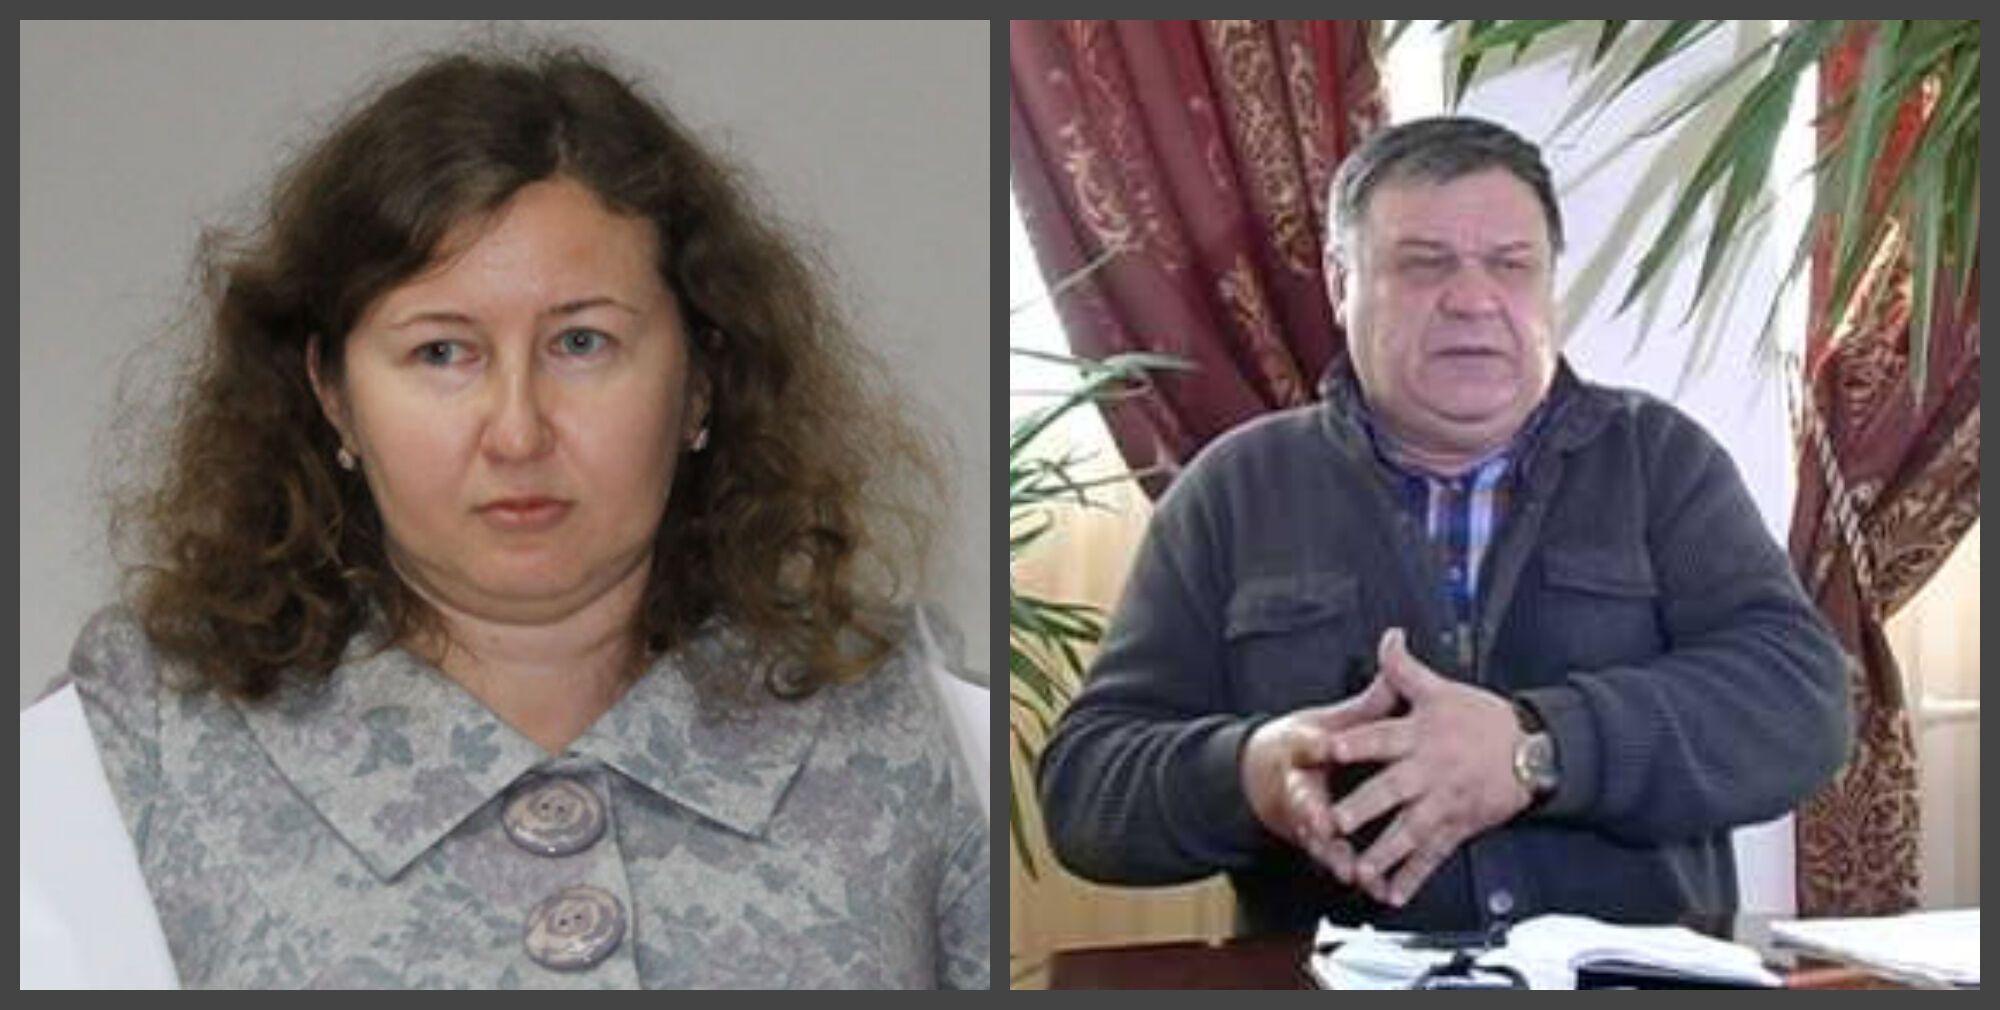 Судья Ирина Павлюк с мужем-бизнесменом Вадимом Павлюком